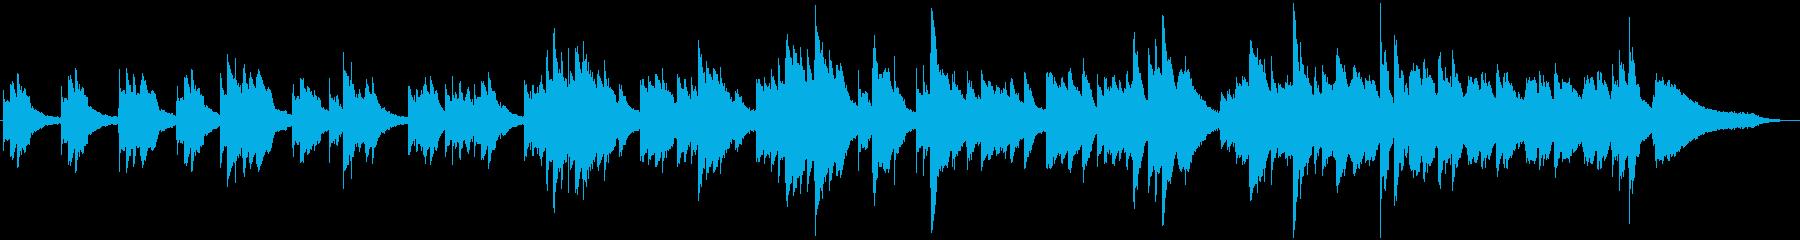 眠りのためのソロピアノ曲の再生済みの波形